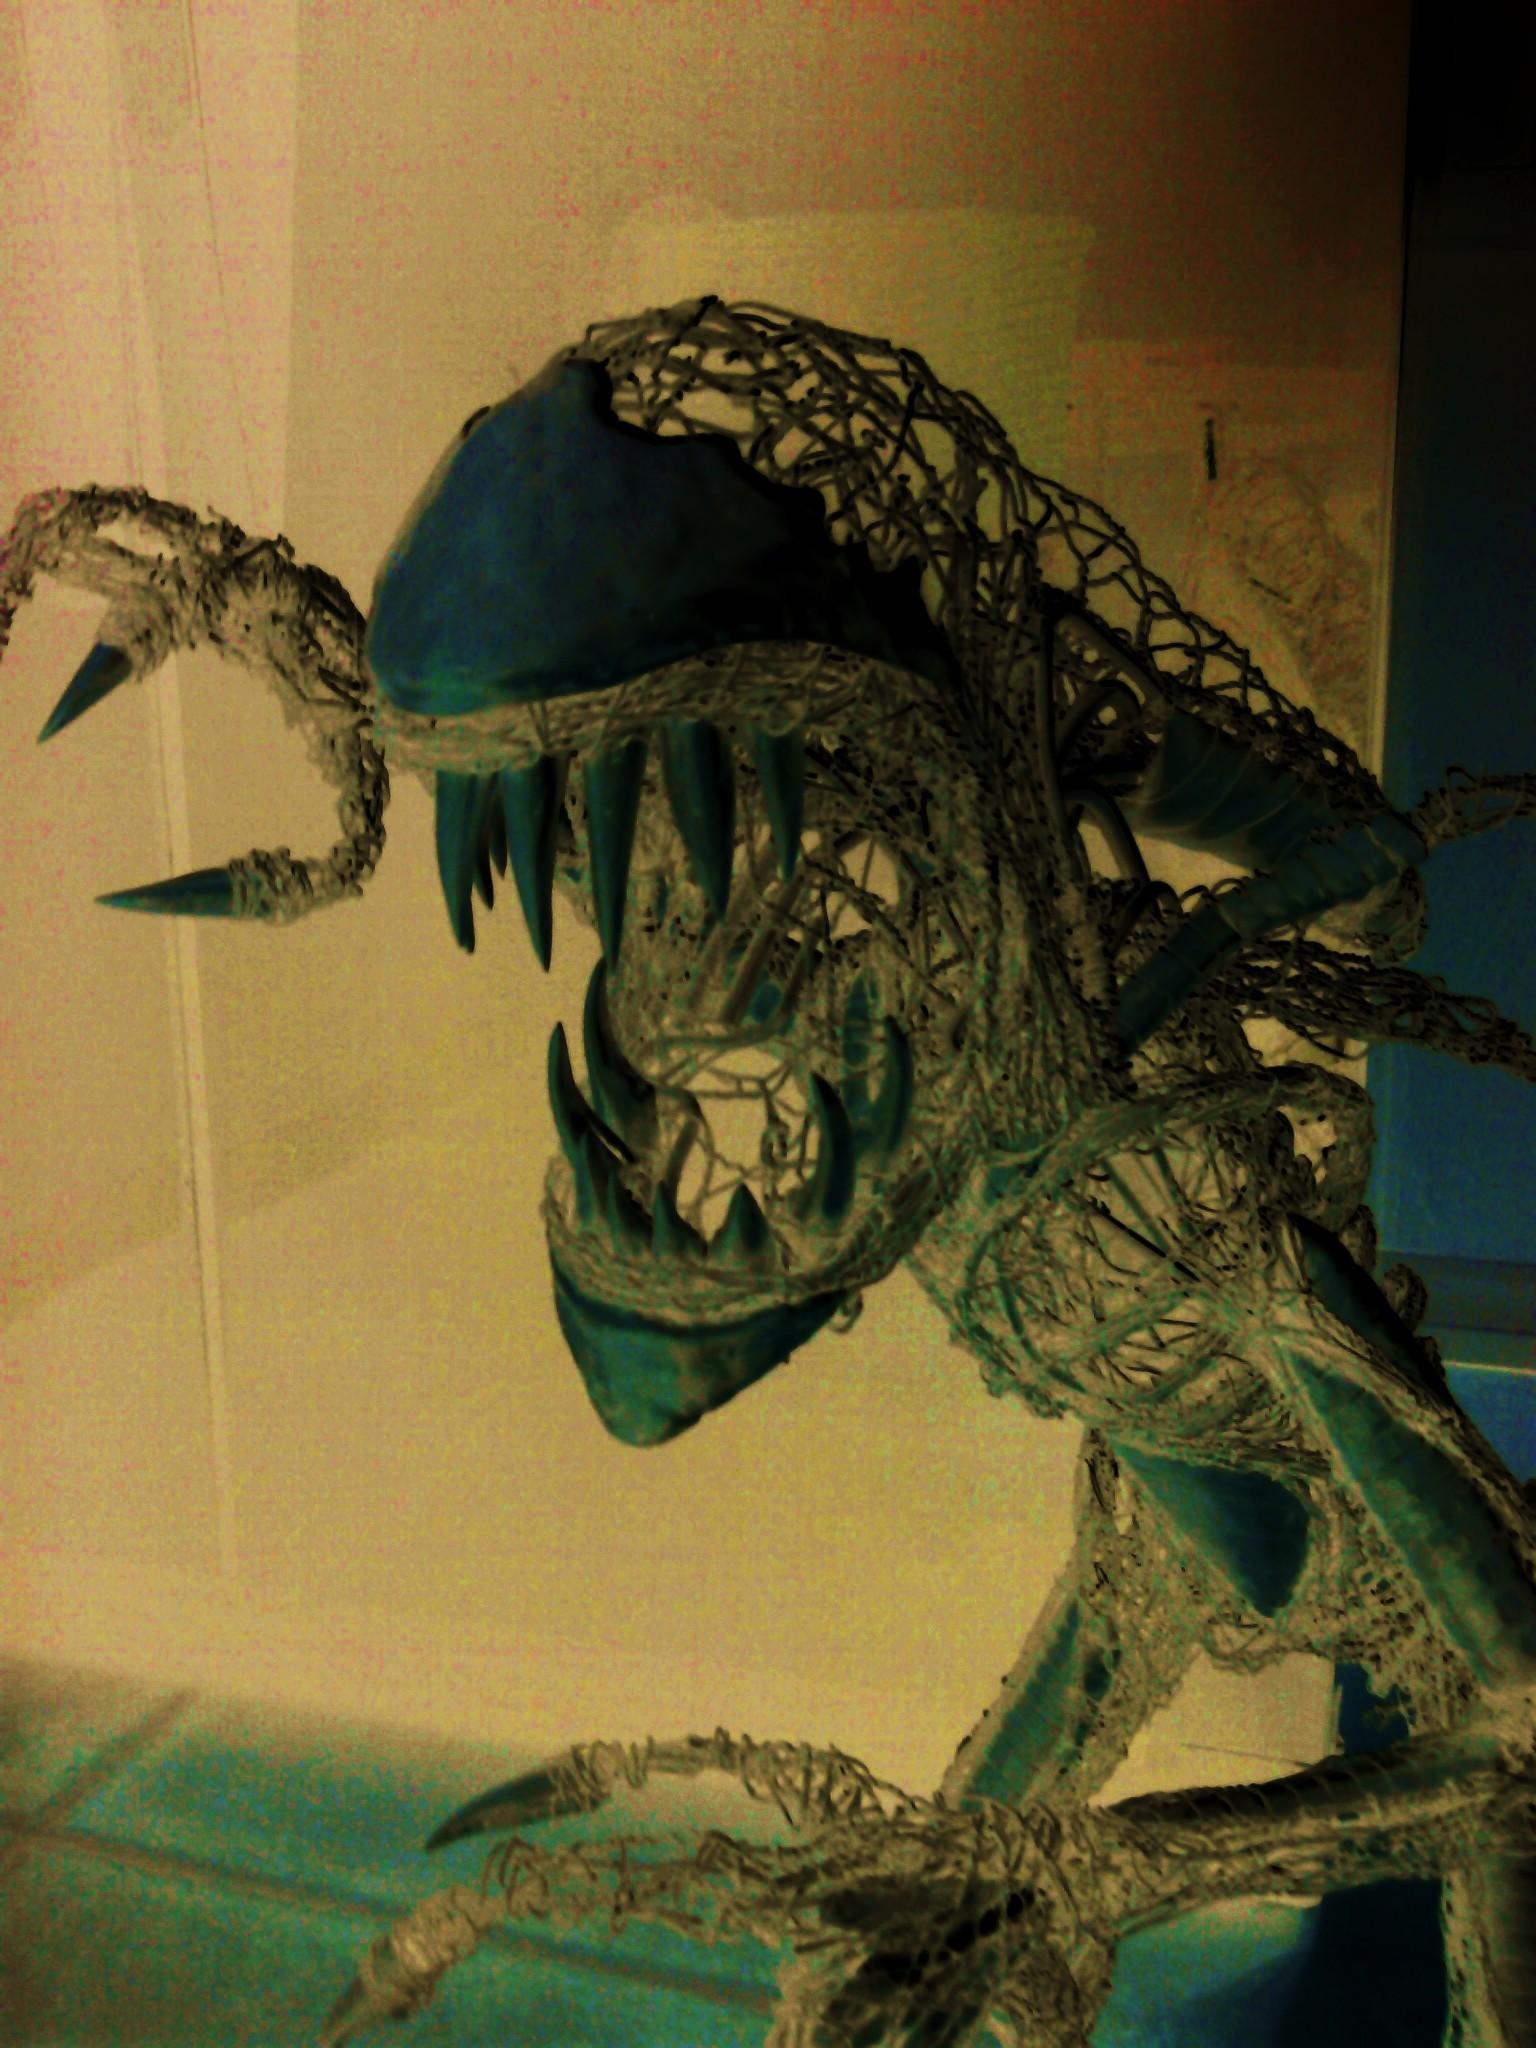 Alien sculpture update11 by braindeadmystuff